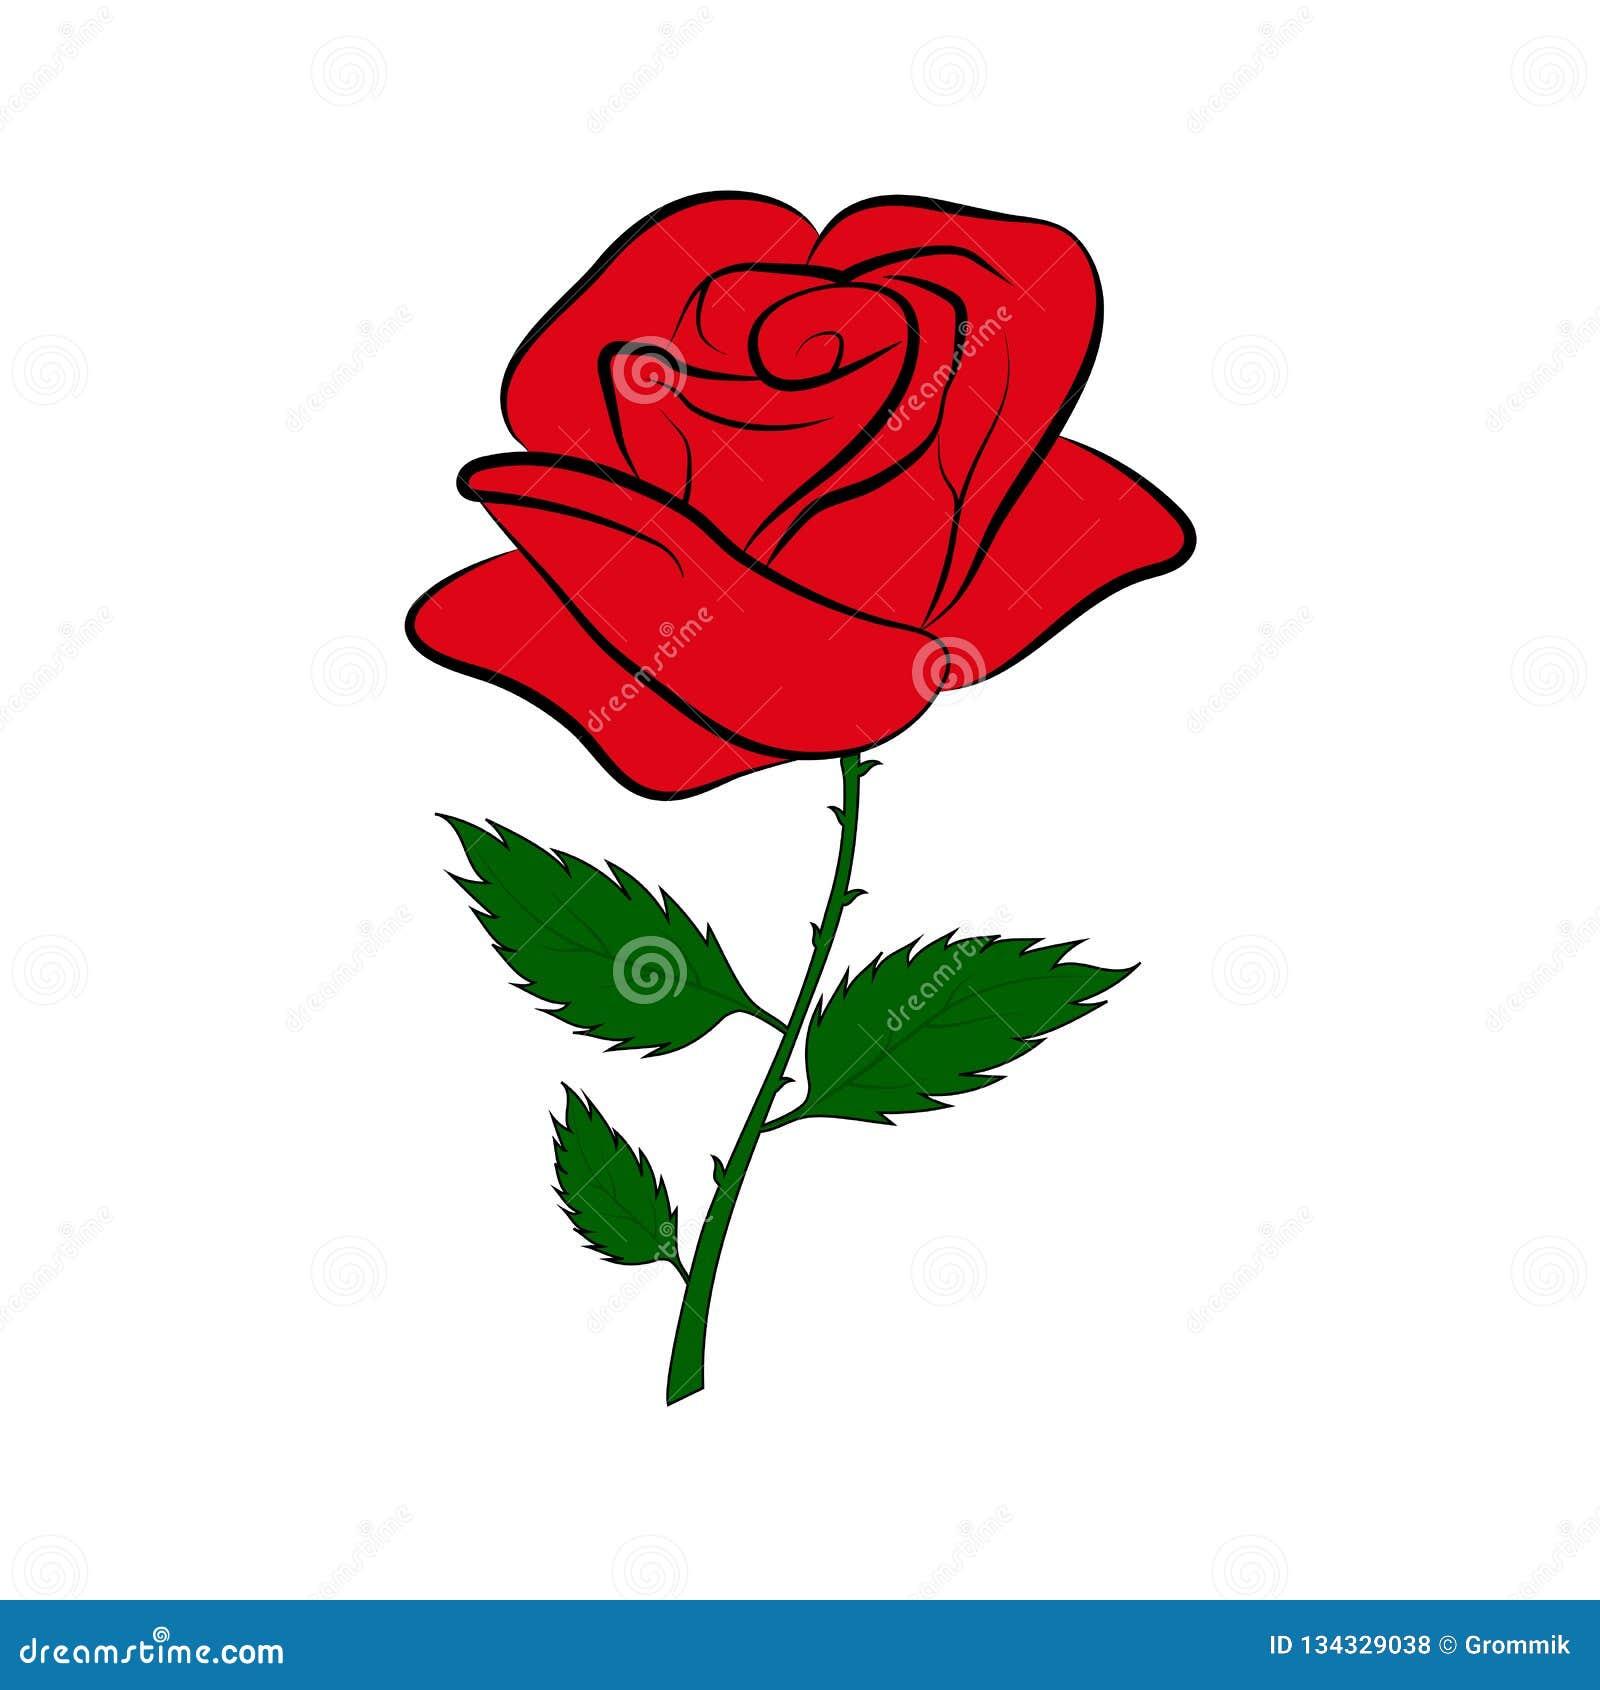 Dessin Coloré Simple D Une Rose Rouge Sur Une Tige Verte